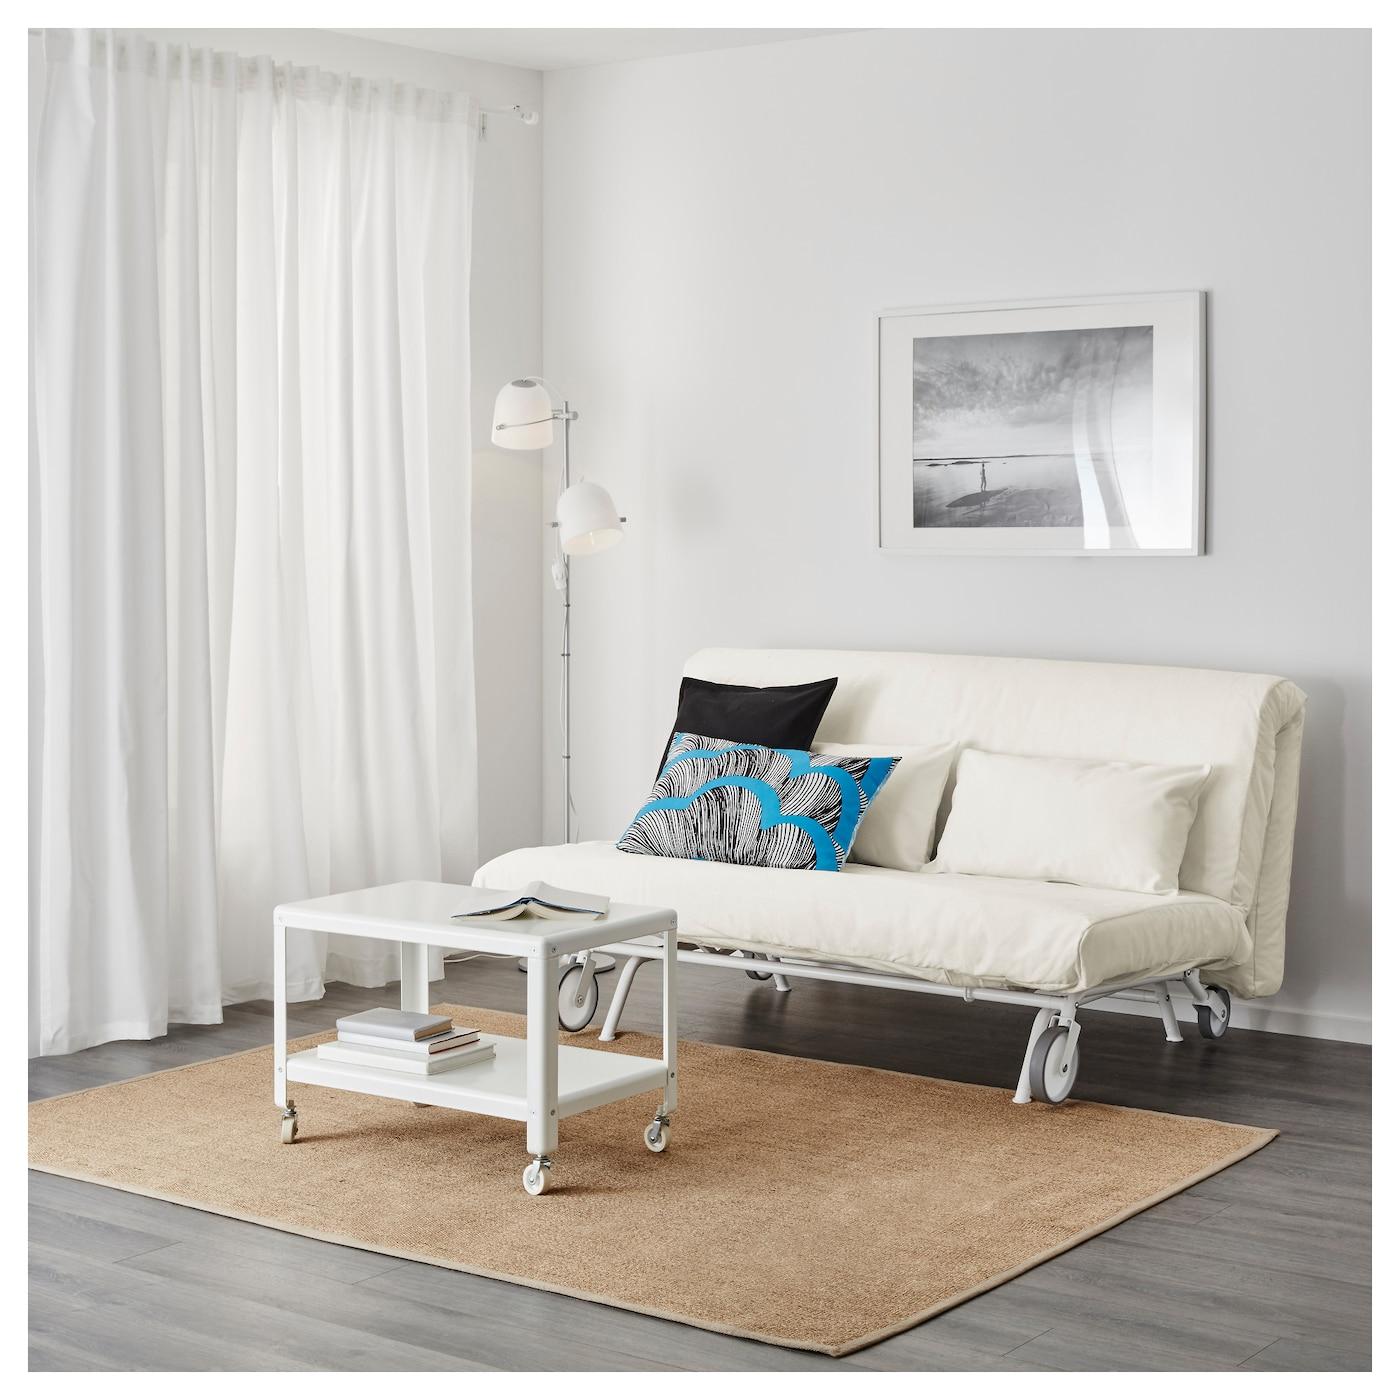 Ikea ps h vet two seat sofa bed gr sbo white ikea - Ikea ps divano letto ...